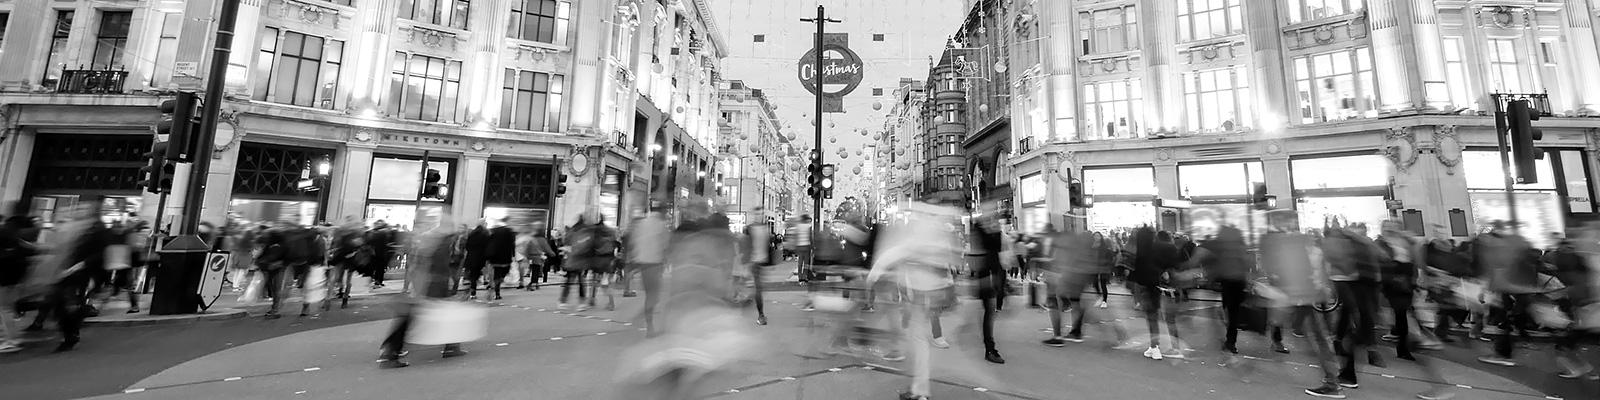 ロンドン クリスマス 人々 イメージ